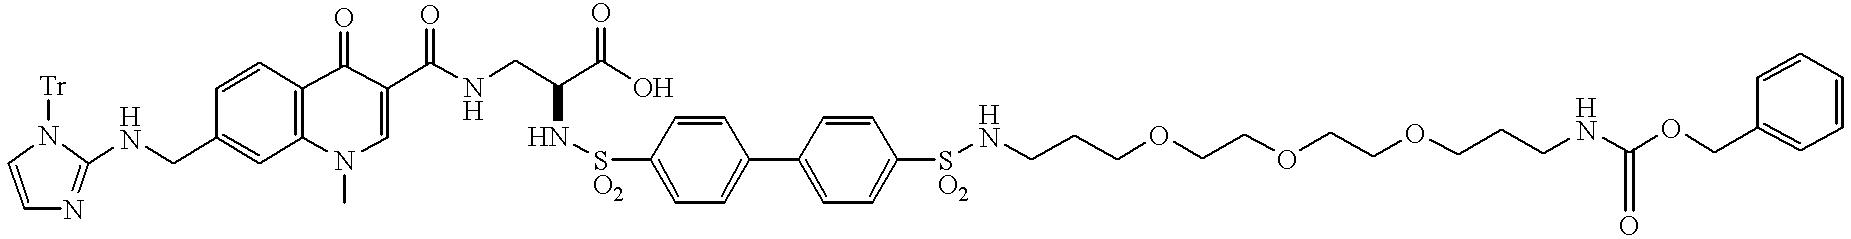 Figure US06683163-20040127-C00042